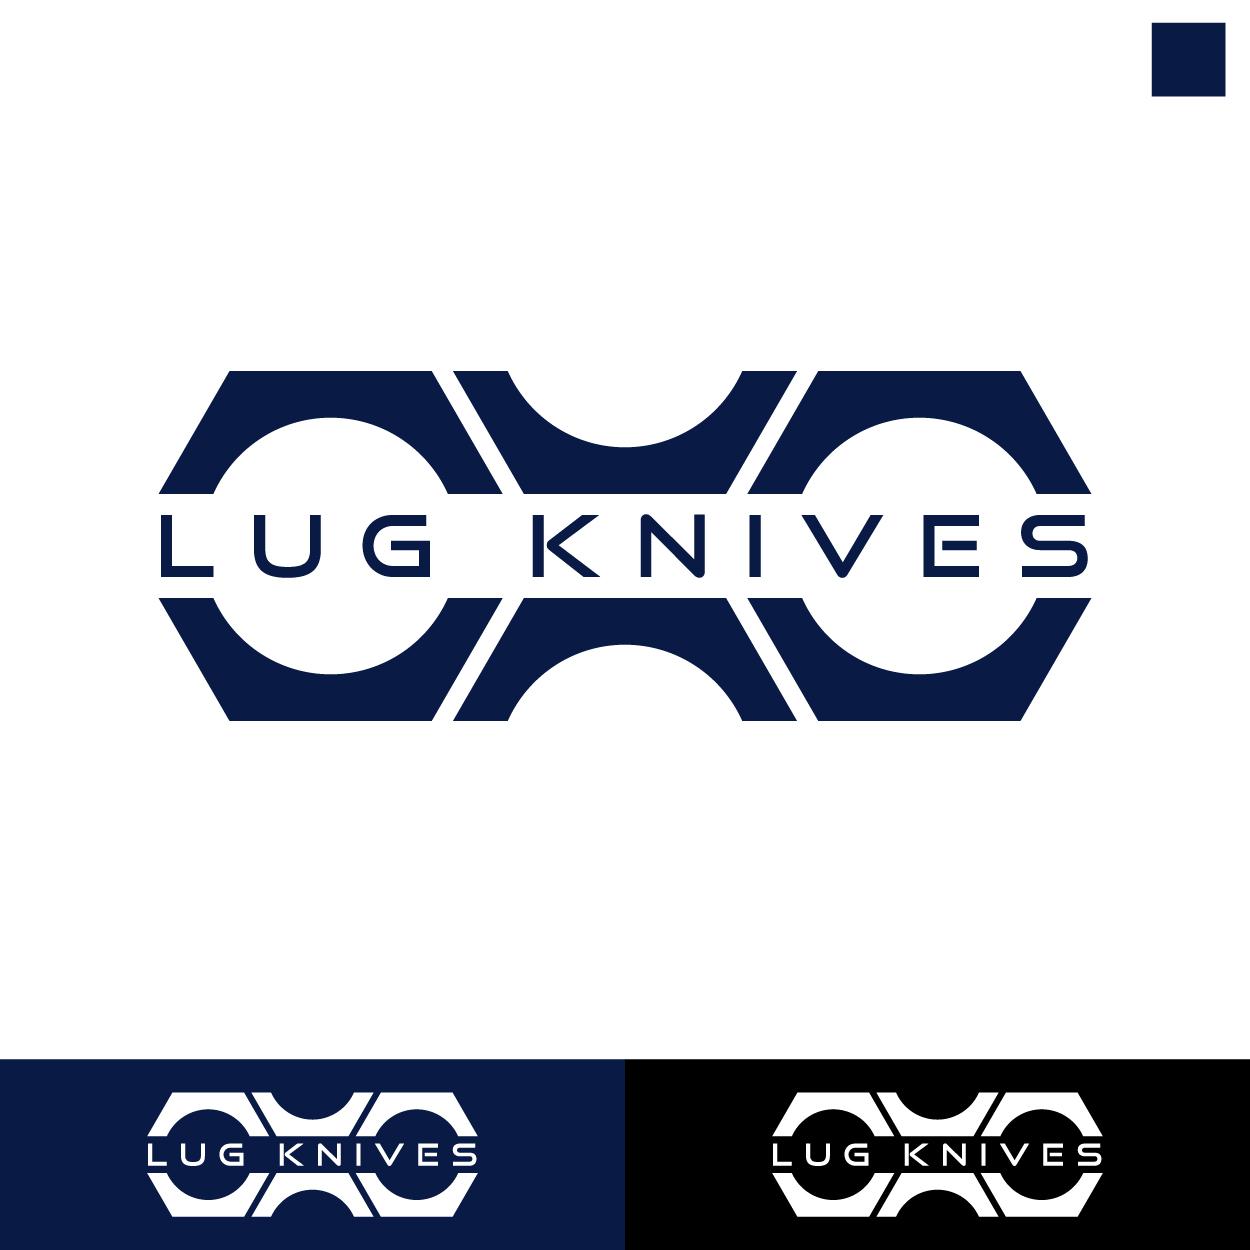 Elegant, Playful, It Company Logo Design for LUG KNIVES by Den Choky